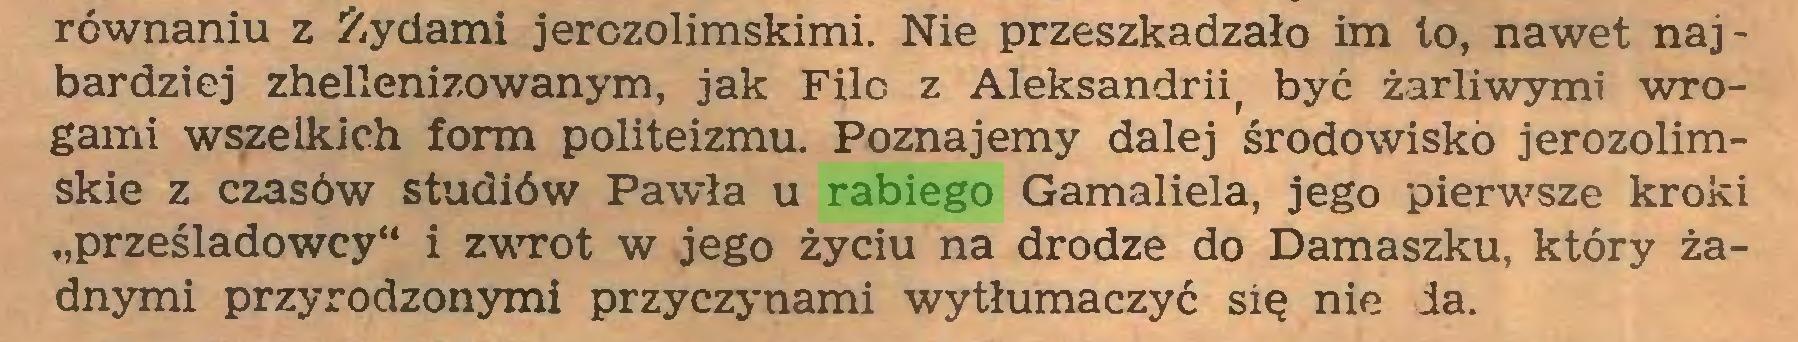 """(...) równaniu z Żydami jerozolimskimi. Nie przeszkadzało im to, nawet najbardziej zhellenizowanym, jak Filo z Aleksandrią być żarliwymi wrogami wszelkich form politeizmu. Poznajemy dalej środowisko jerozolimskie z czasów studiów Pawła u rabiego Gamaliela, jego pierwsze kroki """"prześladowcy"""" i zwrot w jego życiu na drodze do Damaszku, który żadnymi przyrodzonymi przyczynami wytłumaczyć się nie da..."""